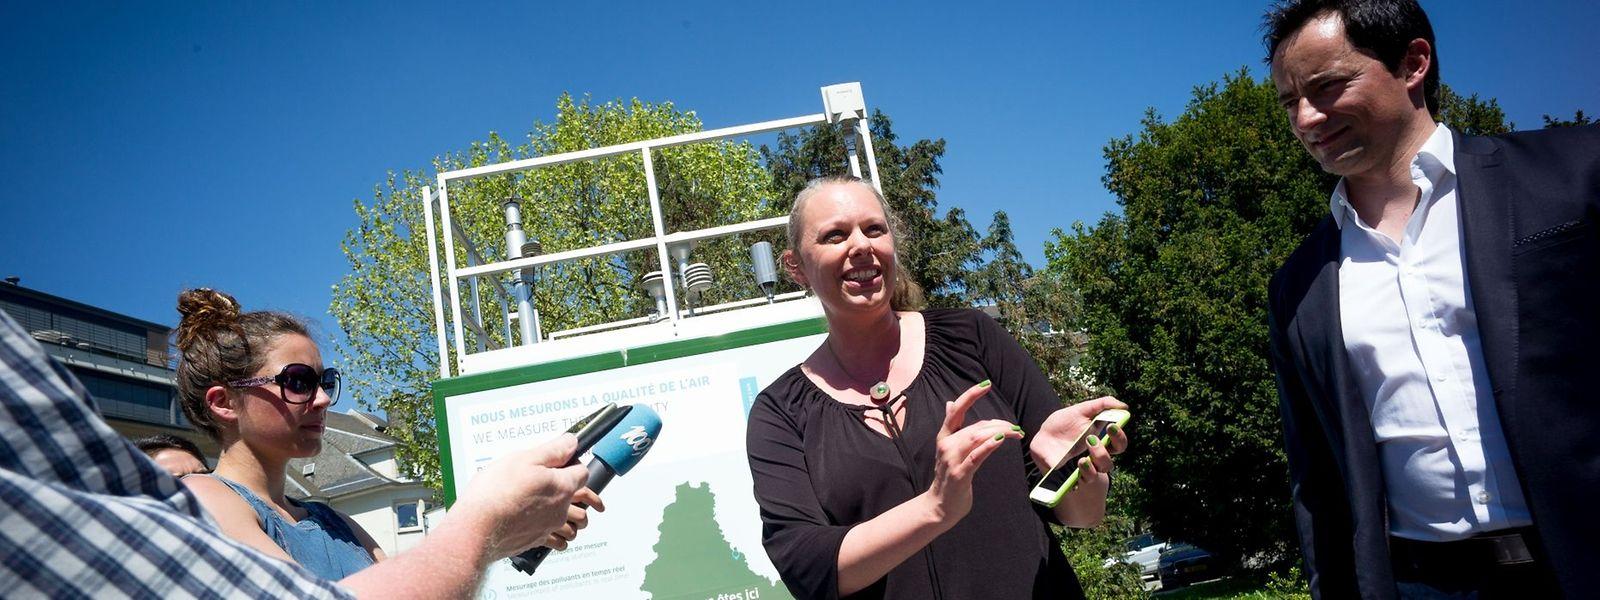 Umweltministerin Carole Dieschbourg vor dem neuen Messcontainer am Place Winston Churchill.